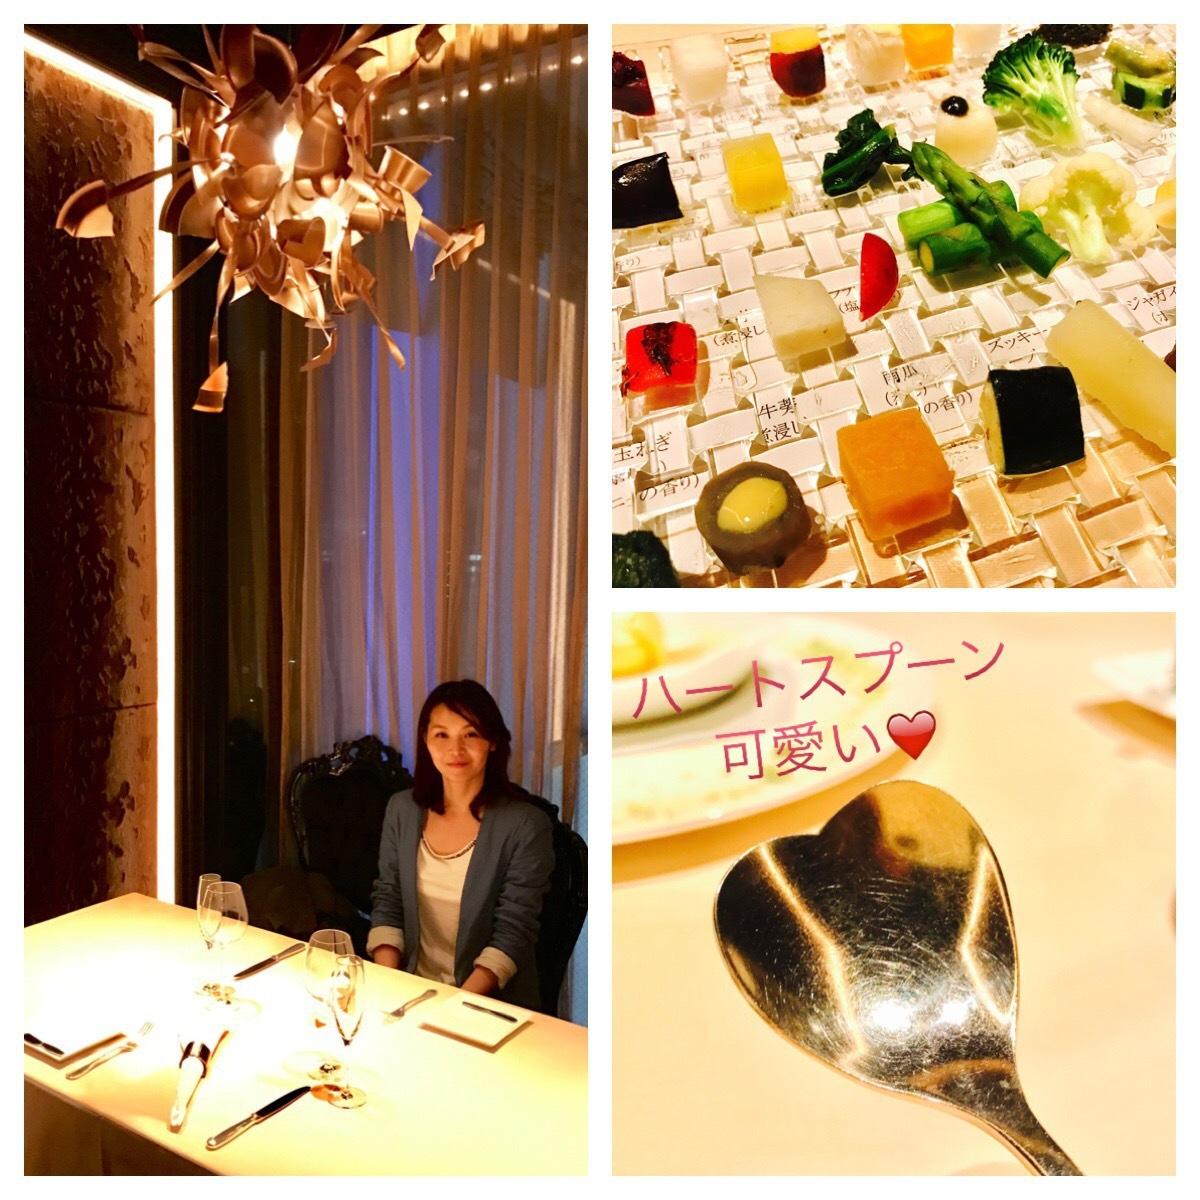 東京へ遊びに行ってきました_f0168650_13365326.jpg